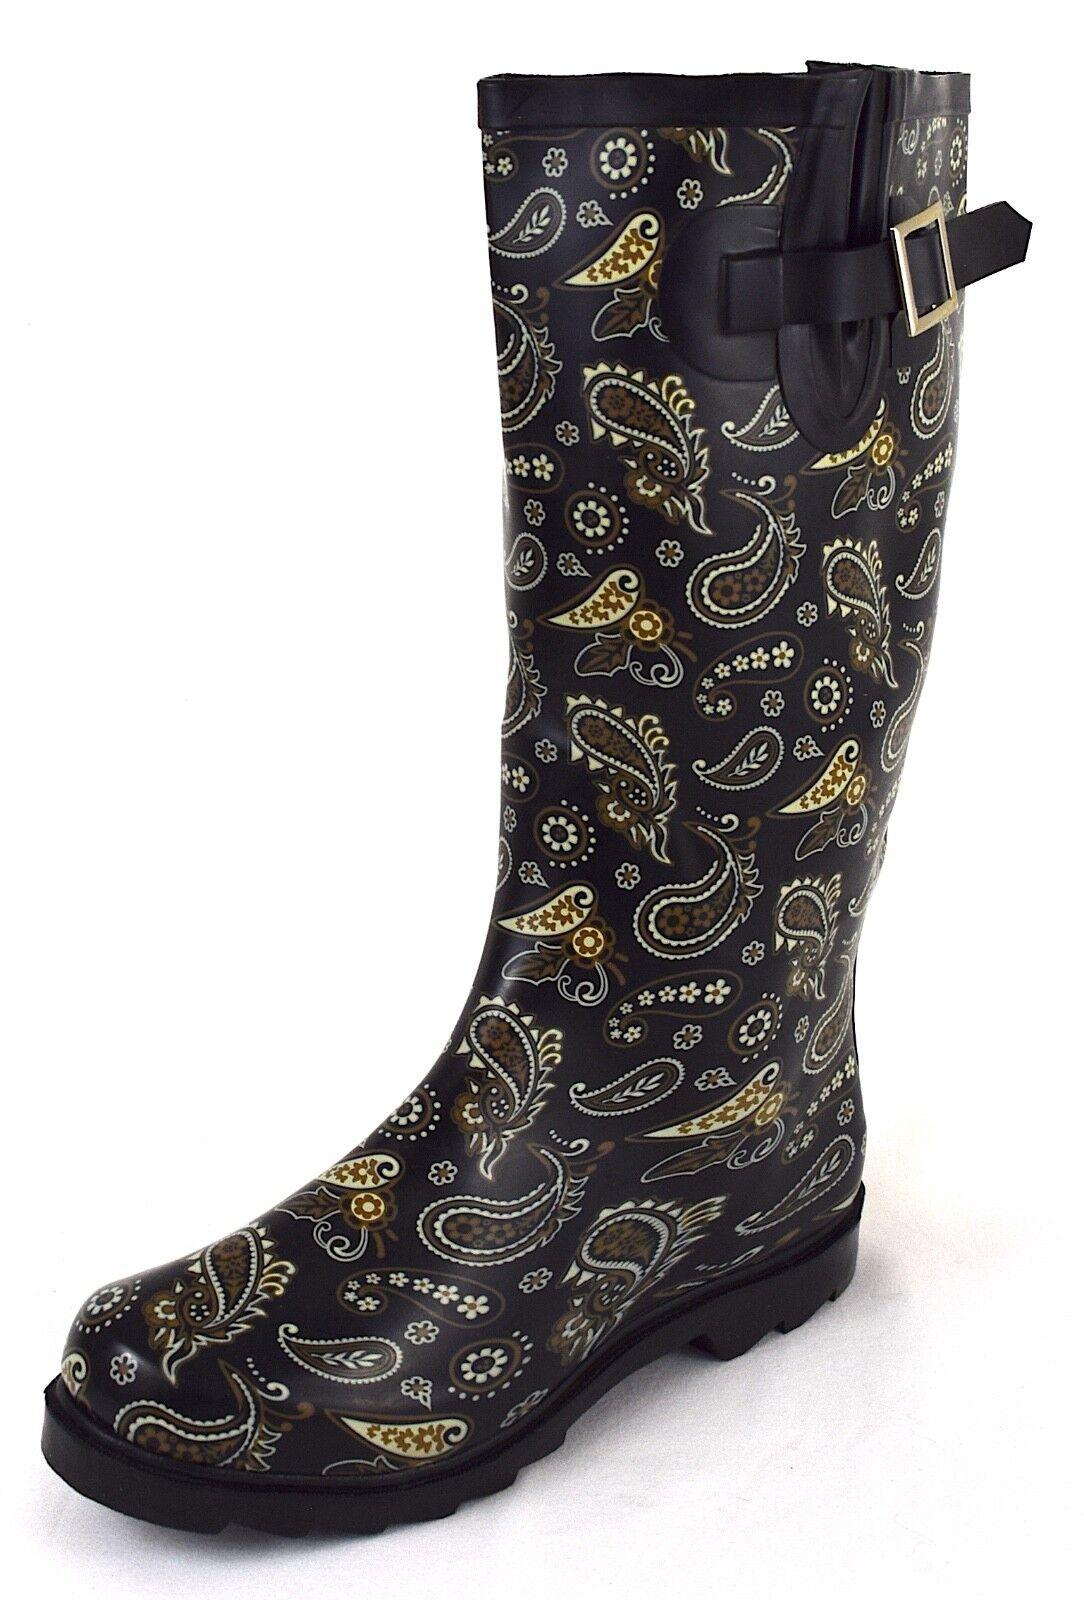 Damen Gummistiefel Regenstiefel Schwarz mit Muster Gr. 36, 41, 42, 43